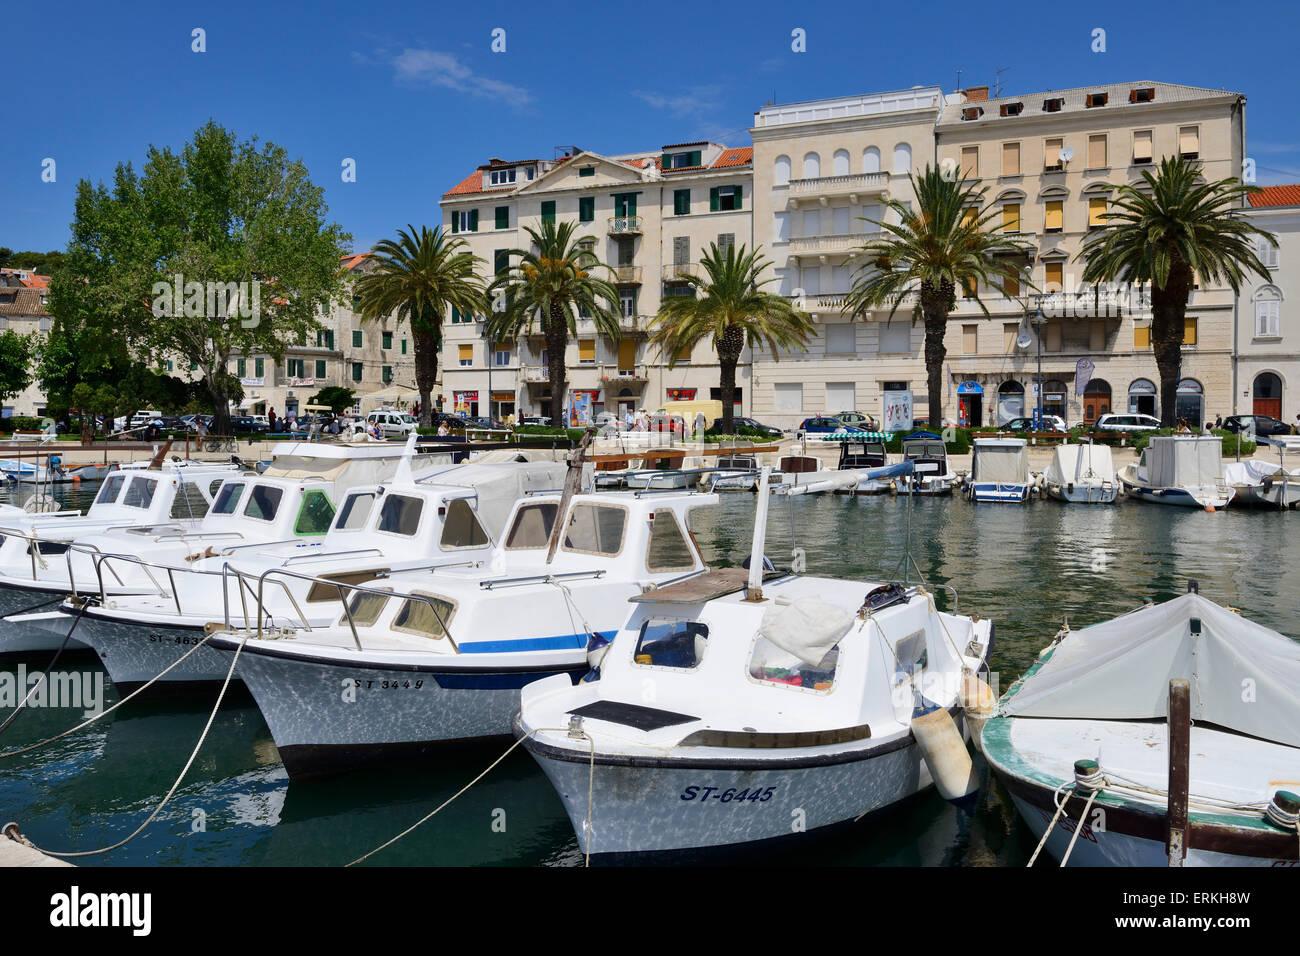 Boats on seafront of Split on Dalmatian Coast of Croatia - Stock Image